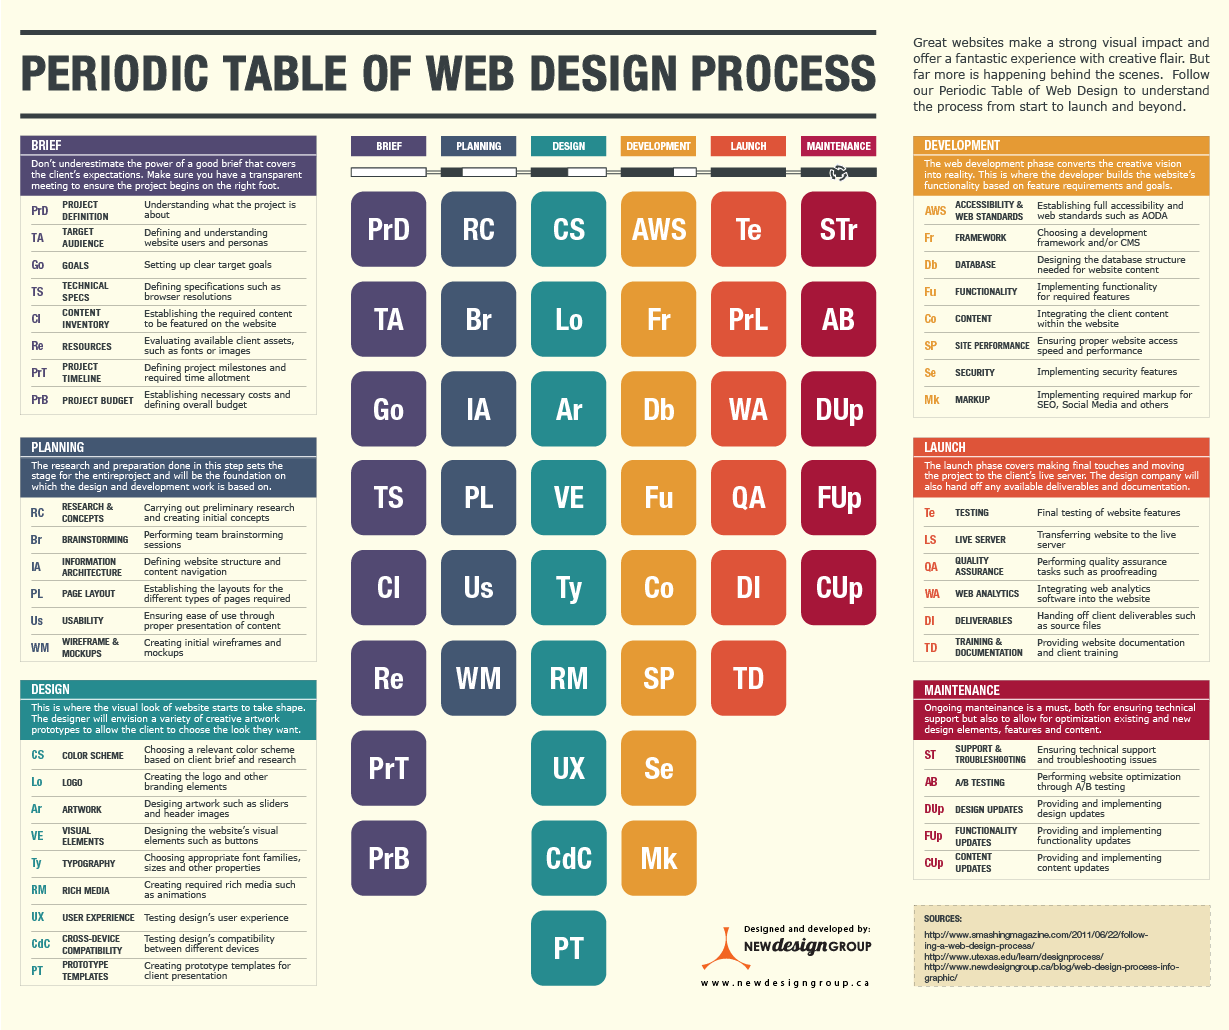 Tabla periódica de proceso de diseño web